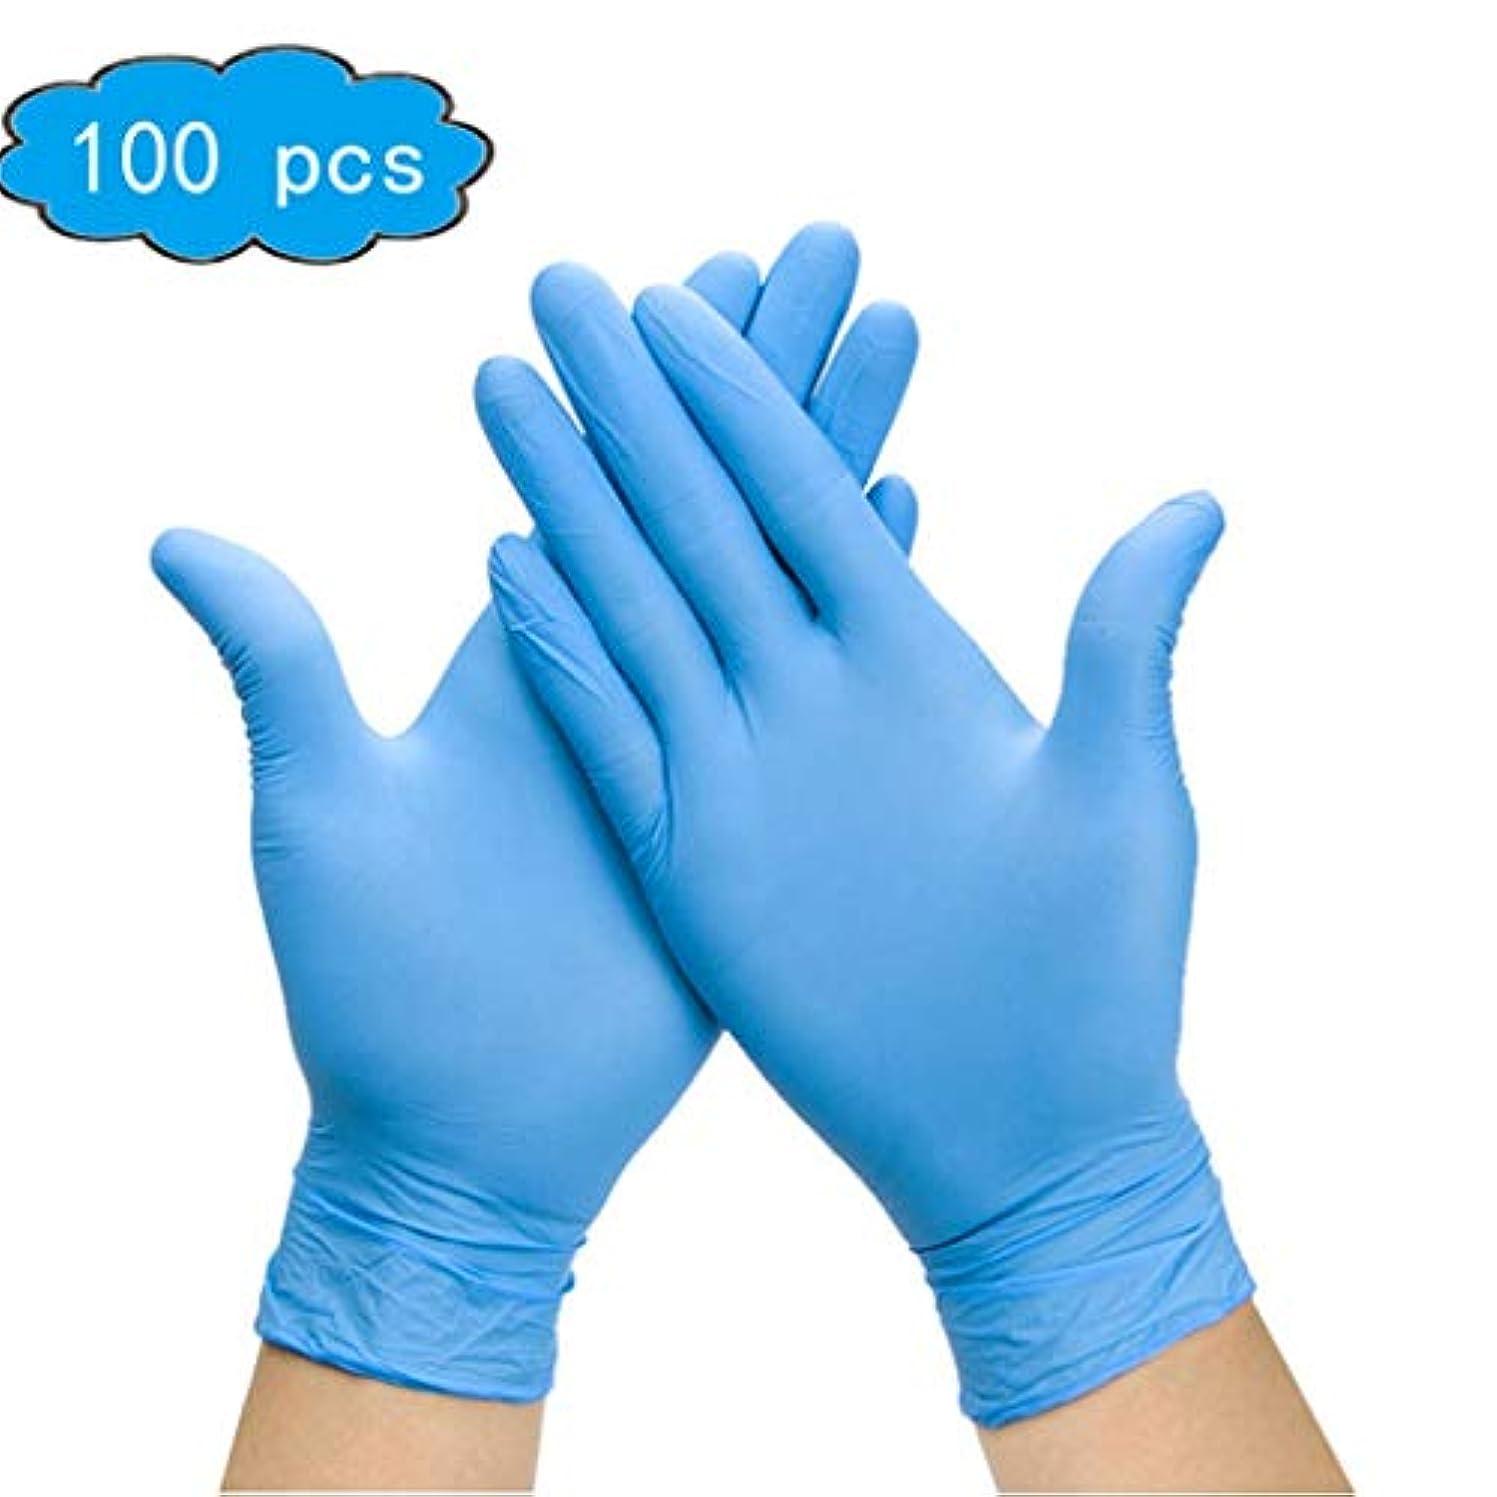 仲間警戒クライストチャーチ使い捨てニトリル手袋-パウダーフリー、ゴムラテックスフリー、医療検査グレード、非滅菌、両性利き-ソフトブルー(100個)、ラボ&科学製品 (Color : Blue, Size : L)